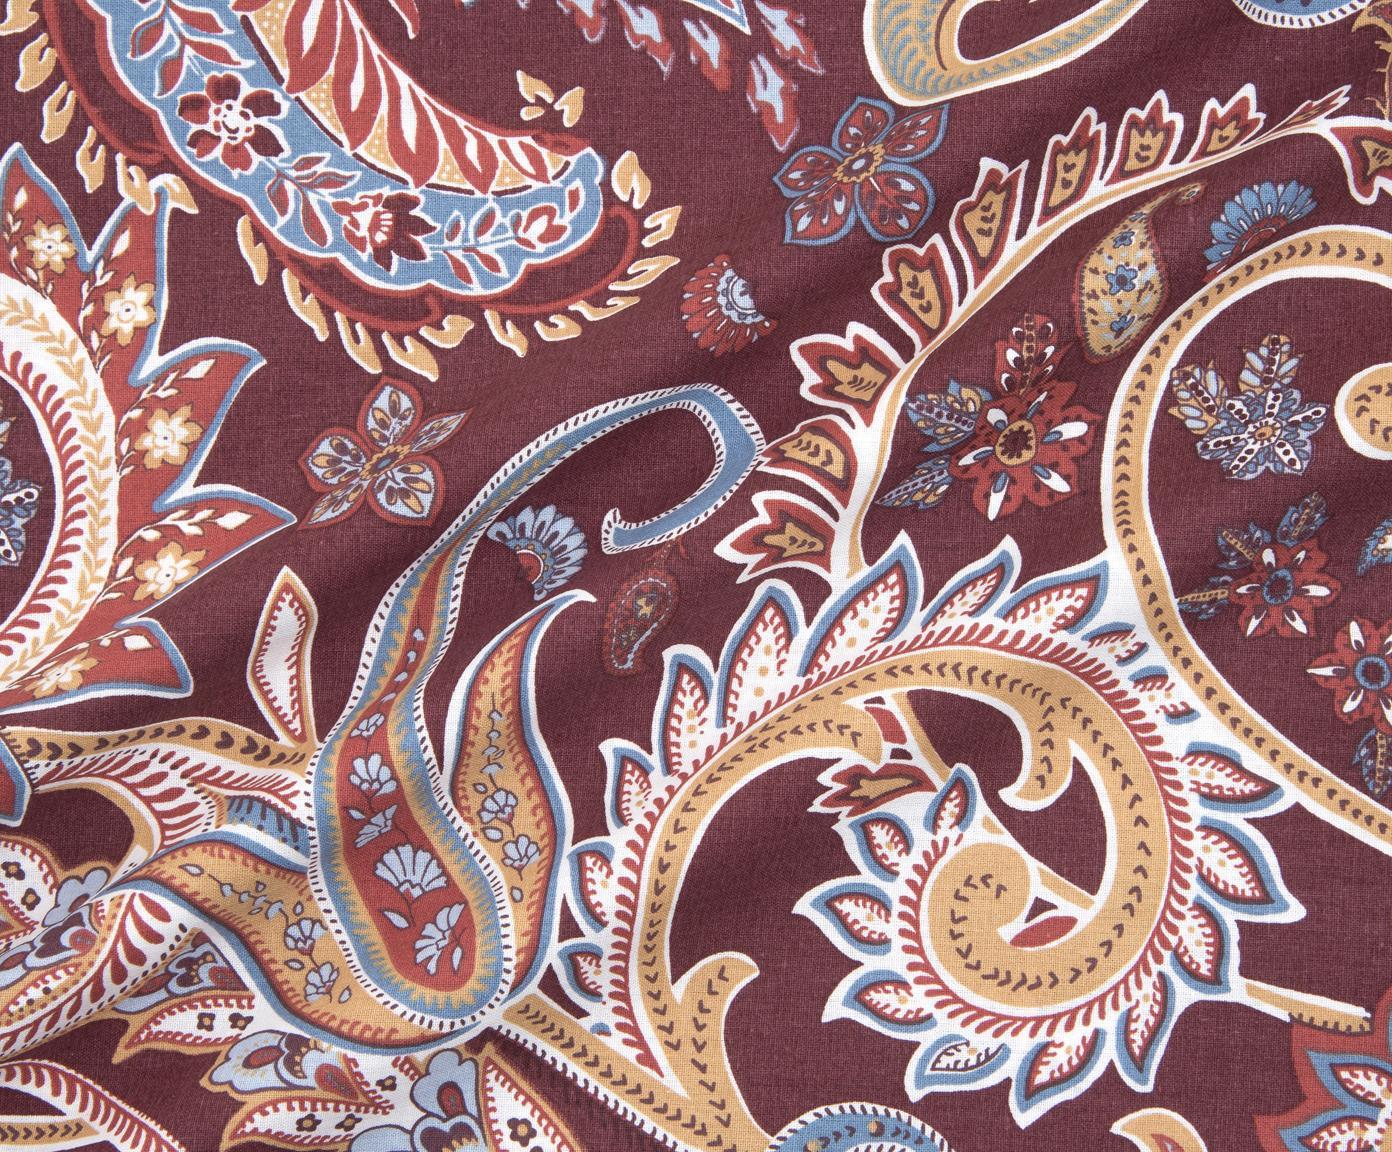 Pościel z bawełny renforcé Liana, Tapicerka: ciemny fioletowy nogi: czarny, matowy, 240 x 220 cm